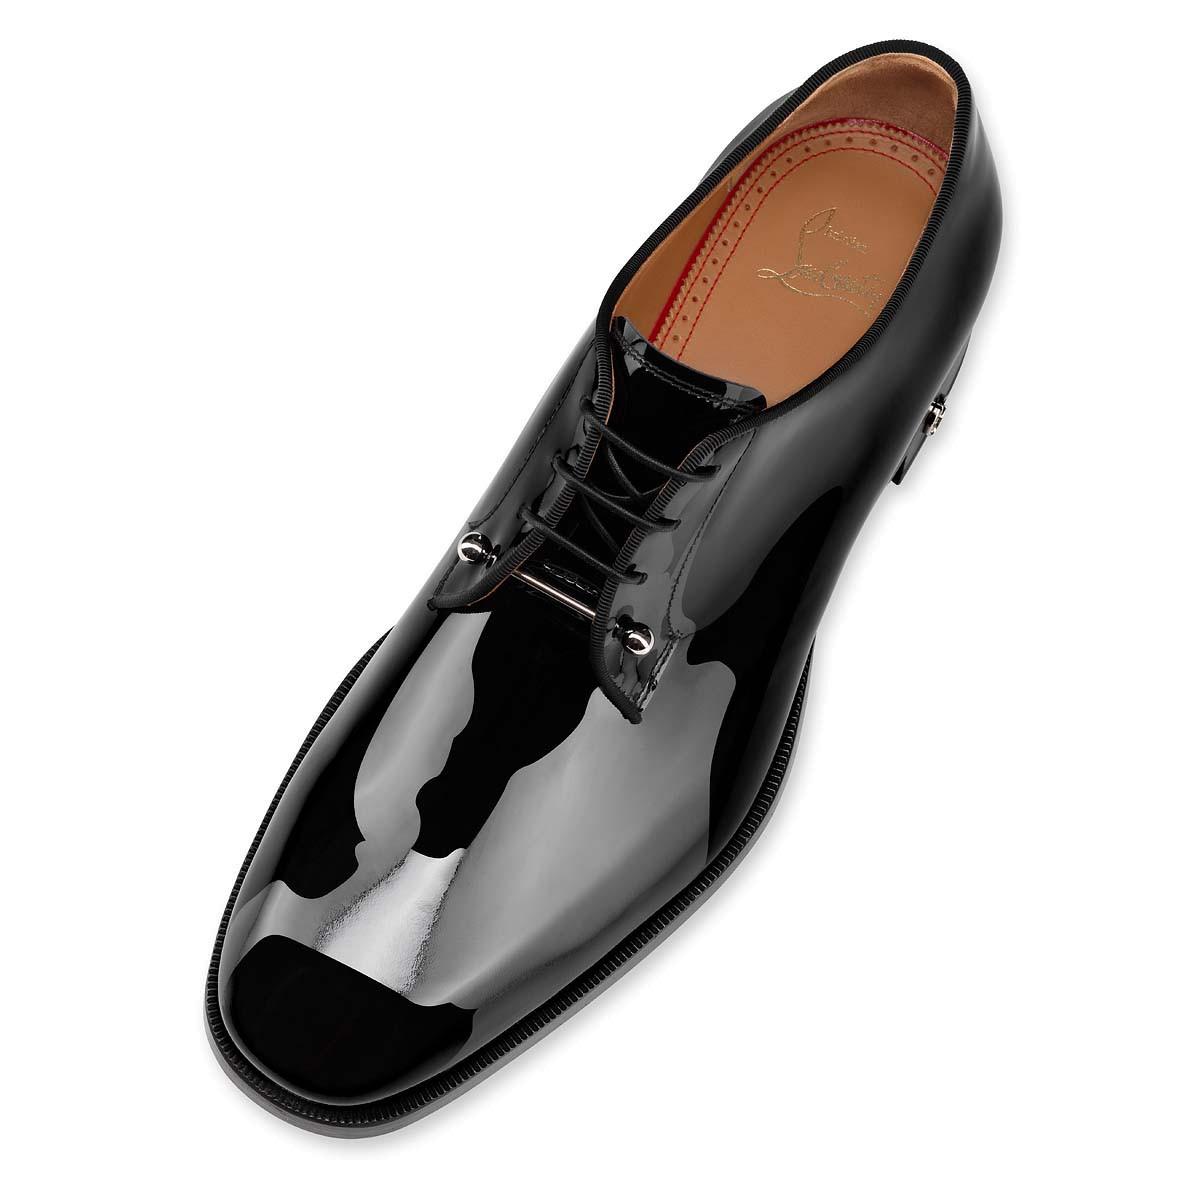 Shoes - Chambeliss Flat - Christian Louboutin